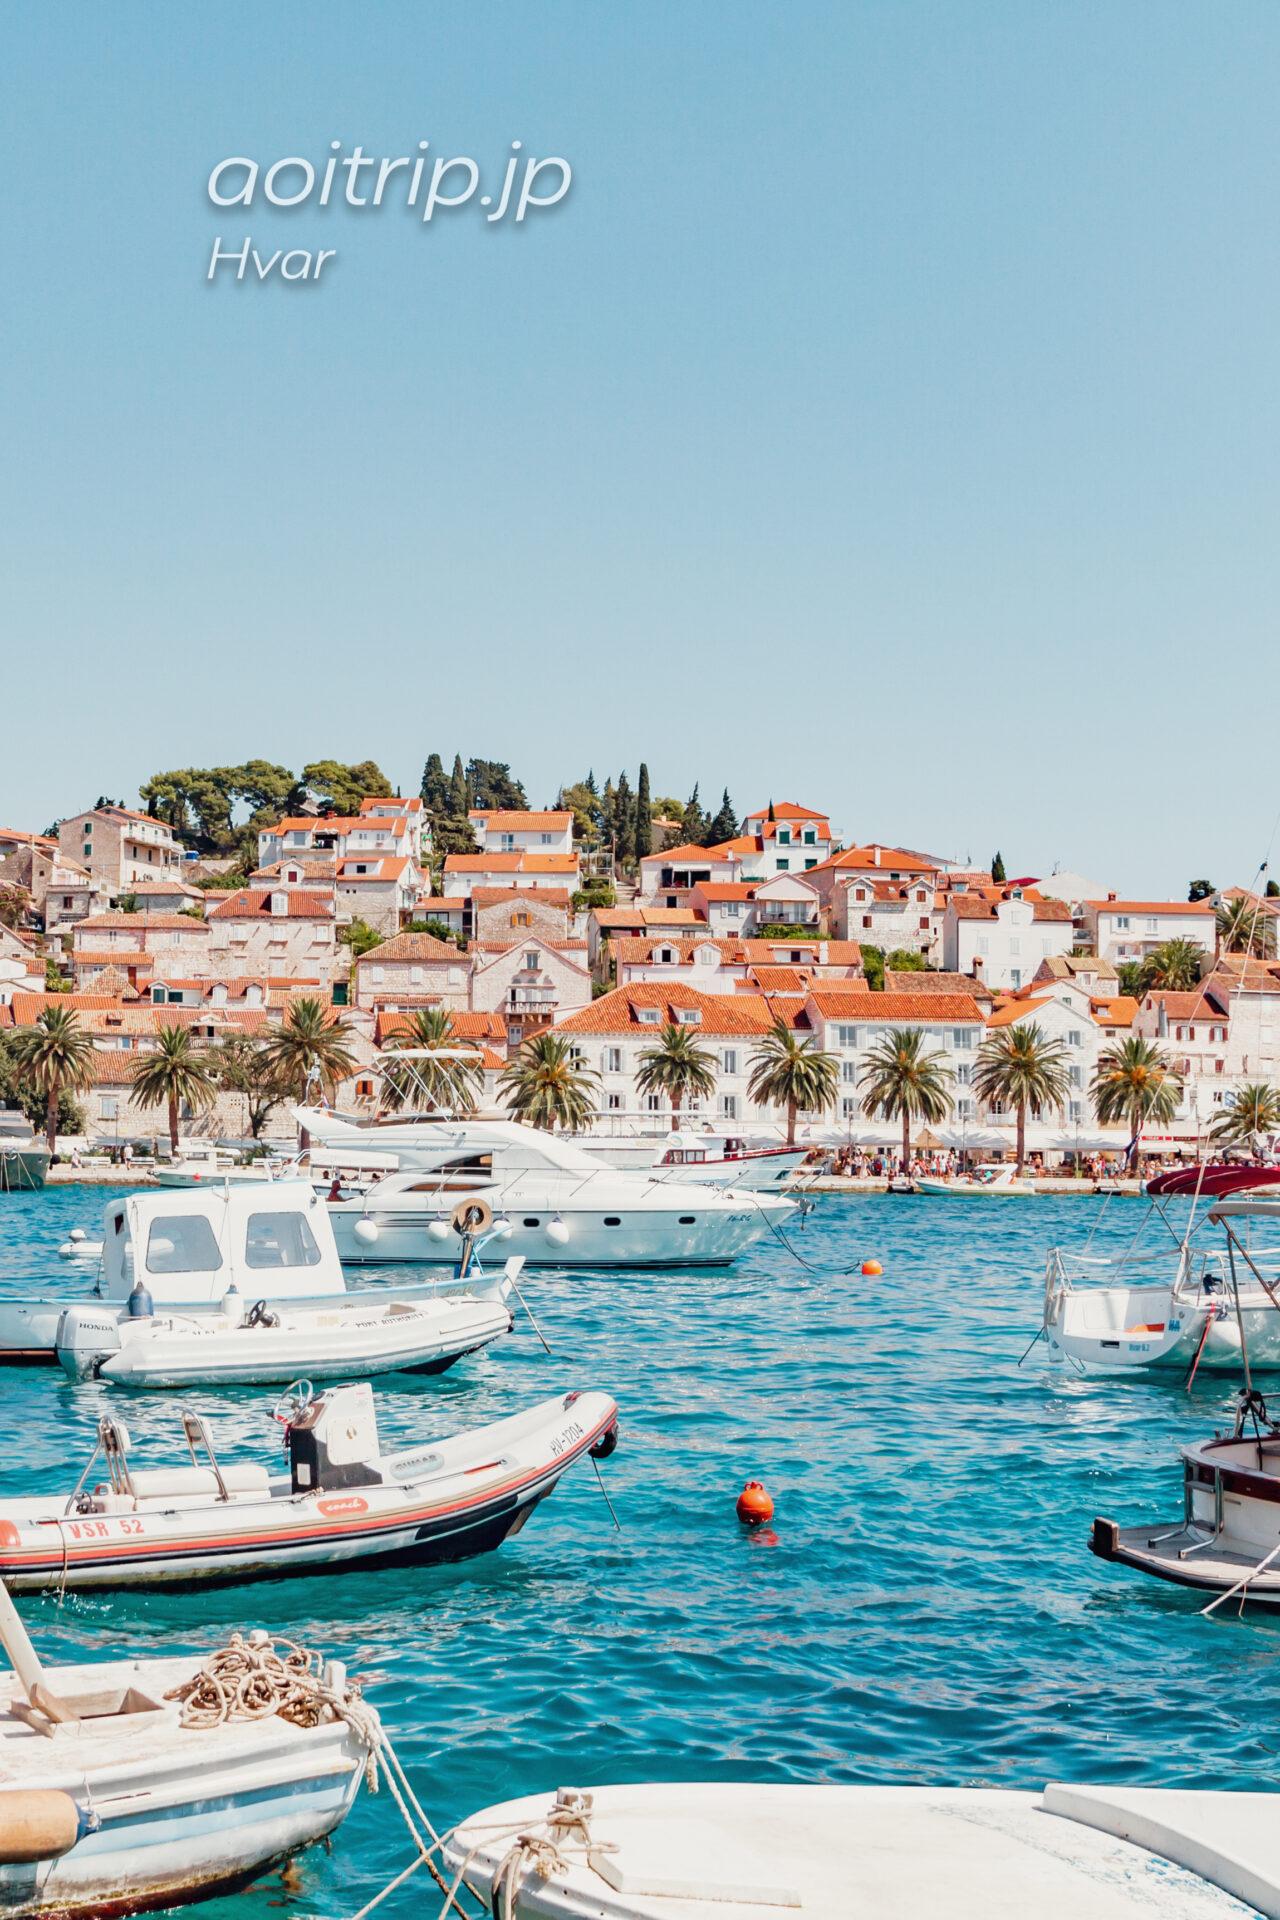 クロアチア フヴァル港